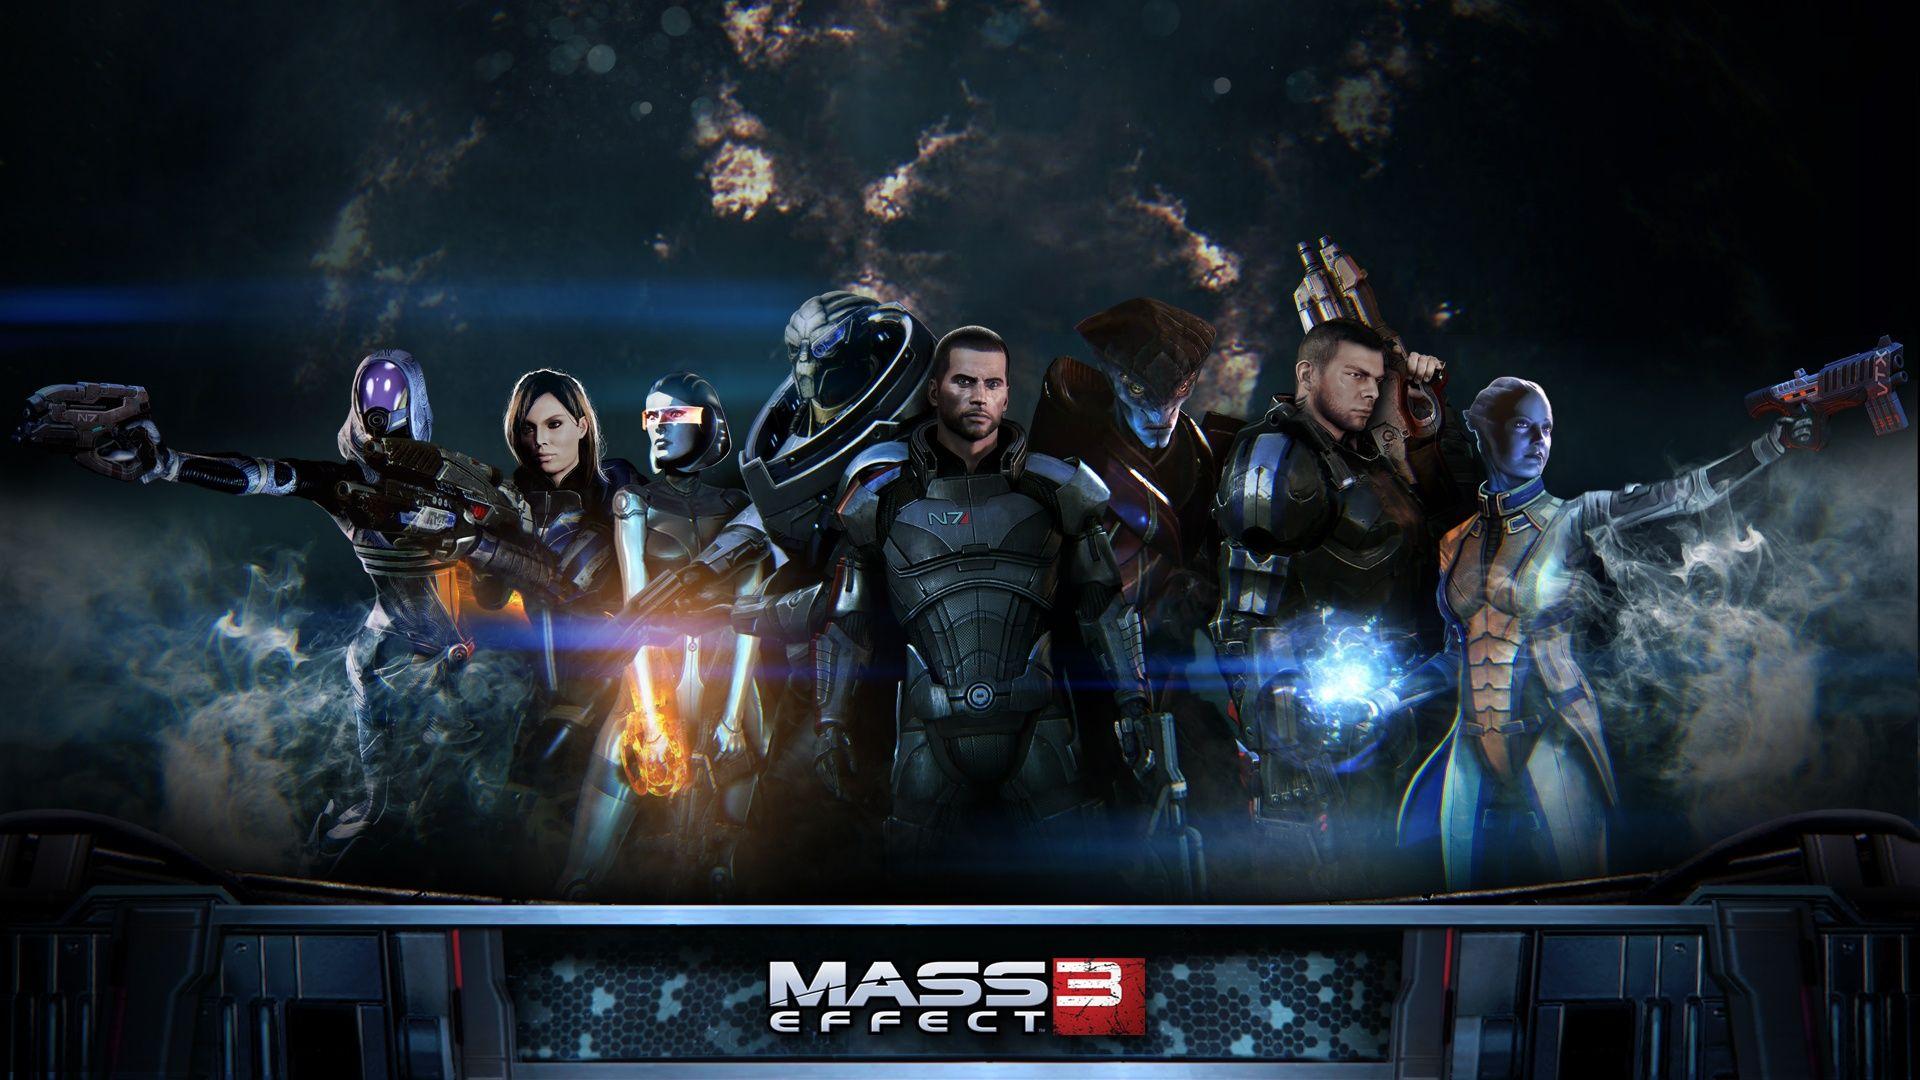 Mass Effect Wallpaper Efecto De Masa Los Originales Espanol